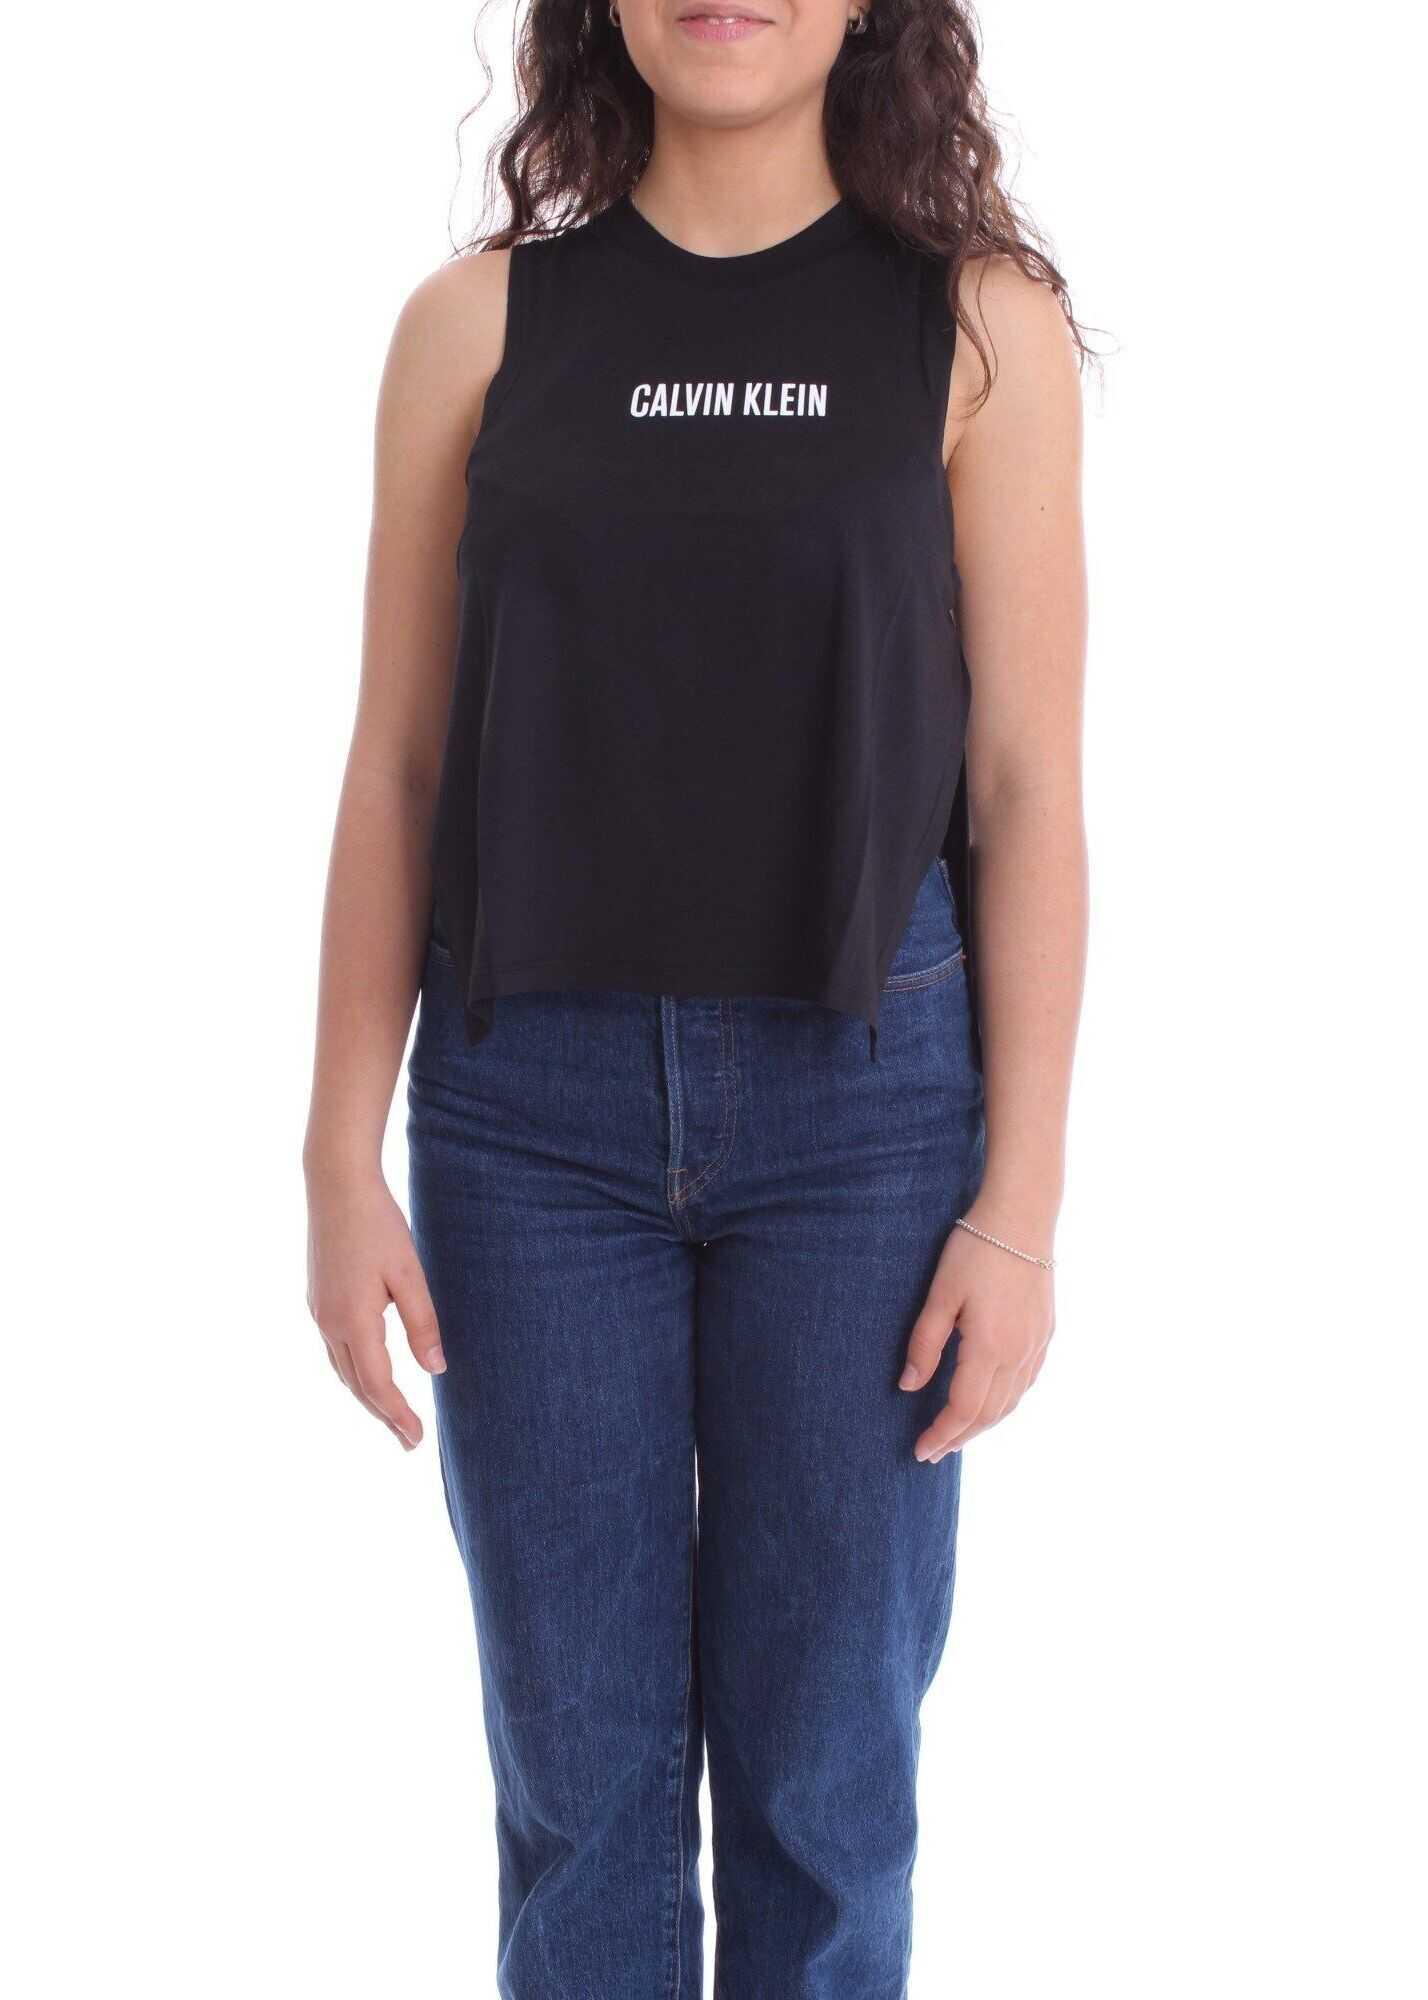 Calvin Klein Cotton Tank Top BLACK